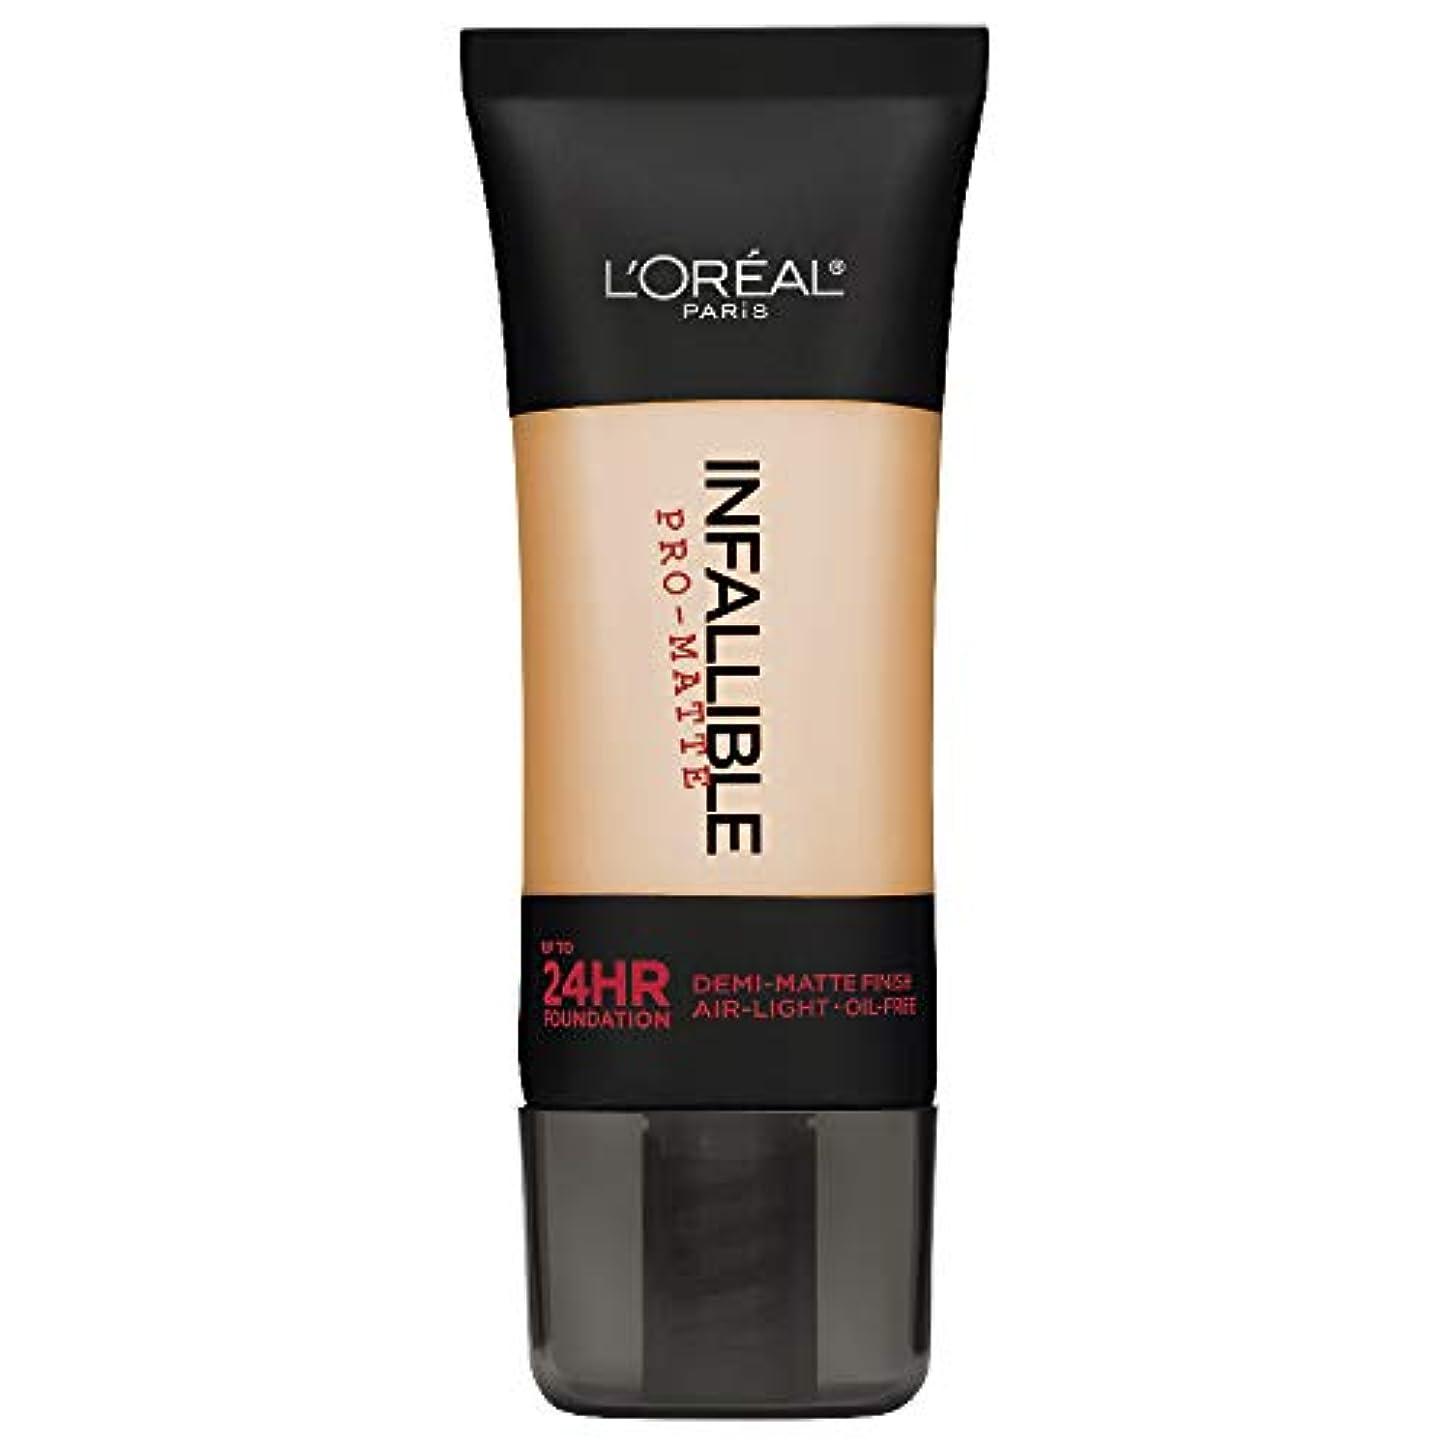 人口遺産疑問に思うL'Oreal Paris Infallible Pro-Matte Foundation Makeup, 104 Golden Beige, 1 fl. oz[並行輸入品]